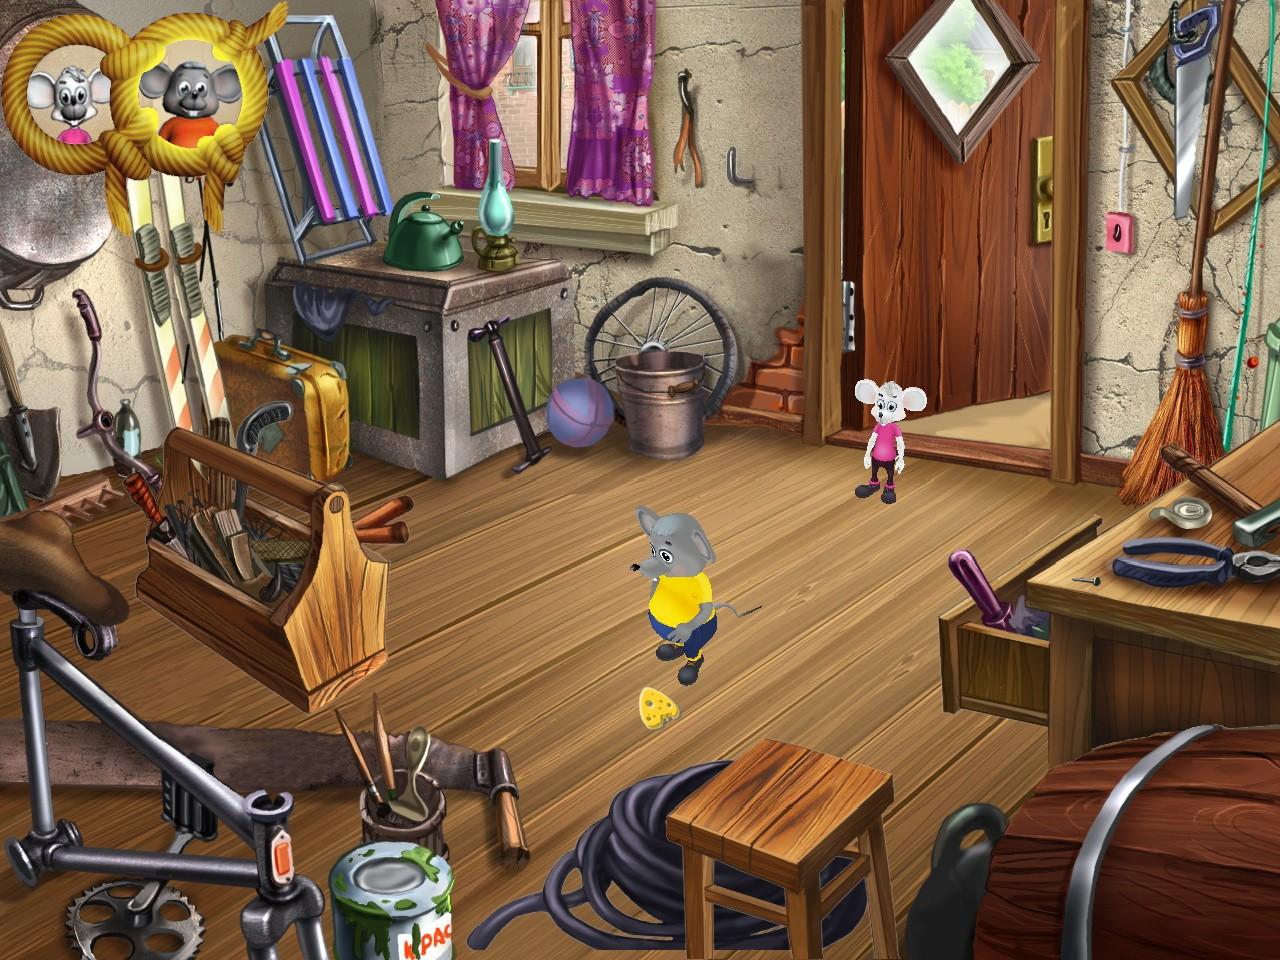 Скачать Бесплатно Игру Кот Леопольд Приключения В Лесу Компьютерные Игры